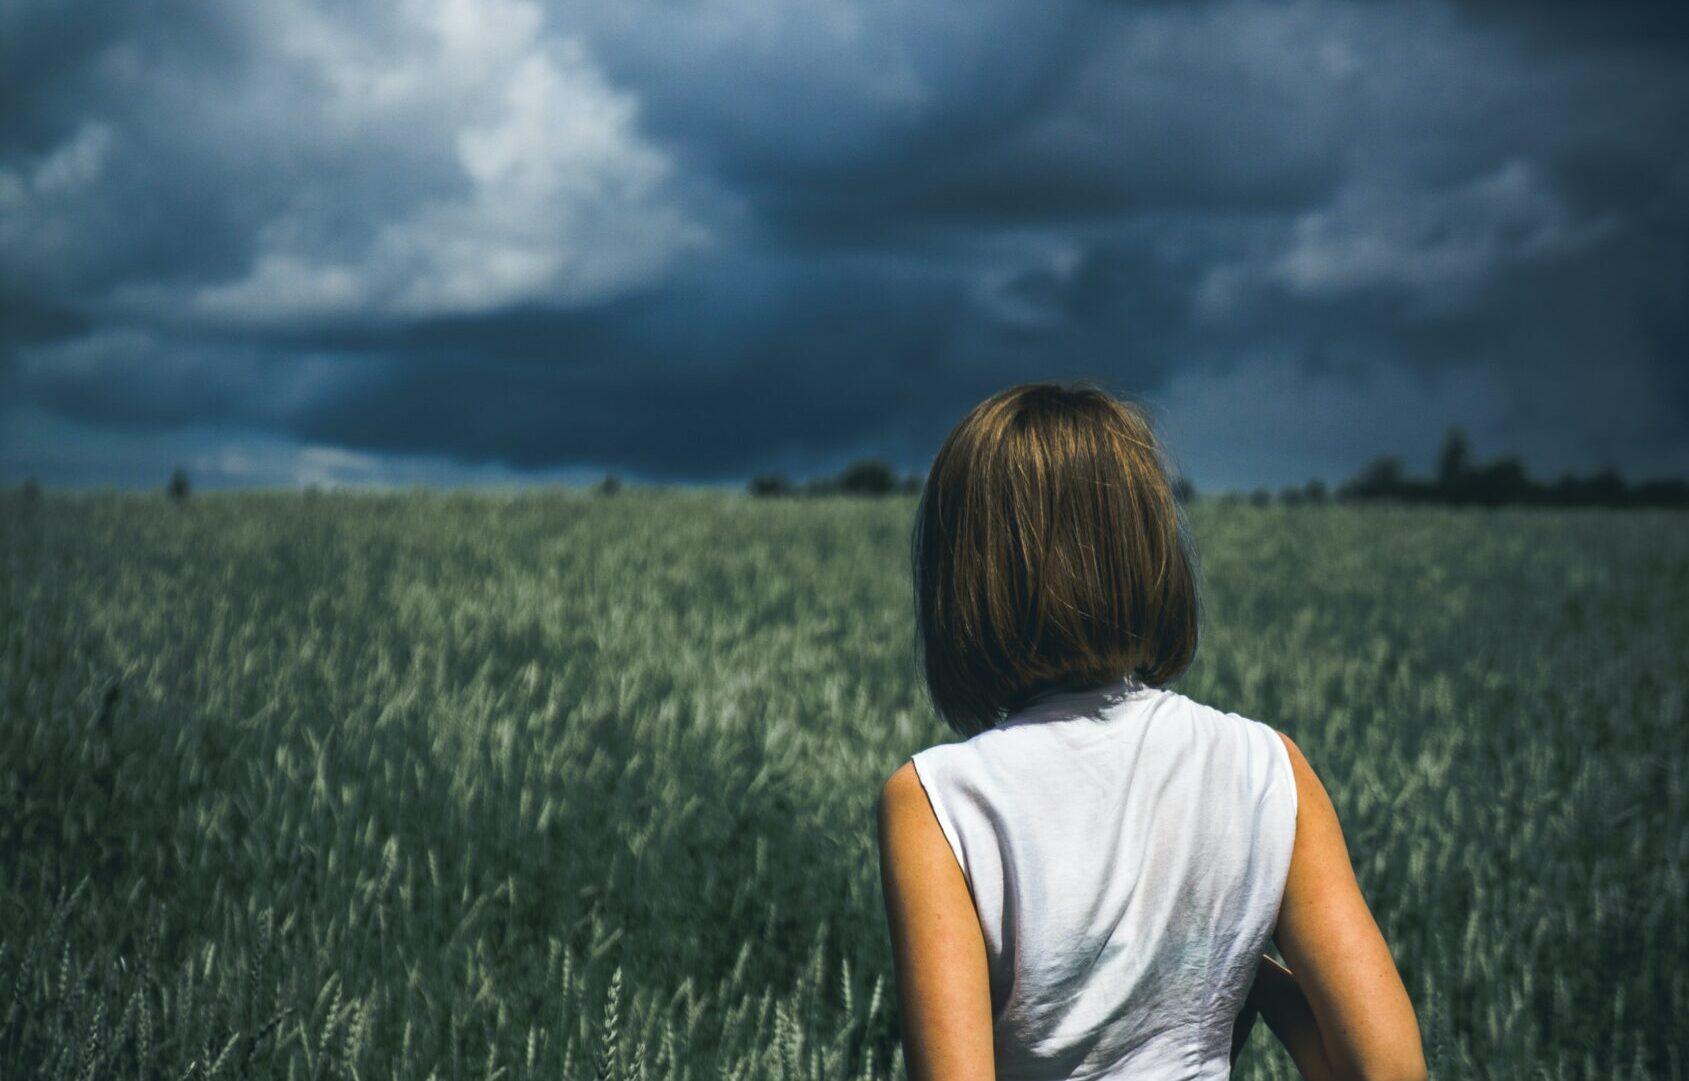 悩みが多い人の原因は?悩まない人より幸福な人生を歩む方法